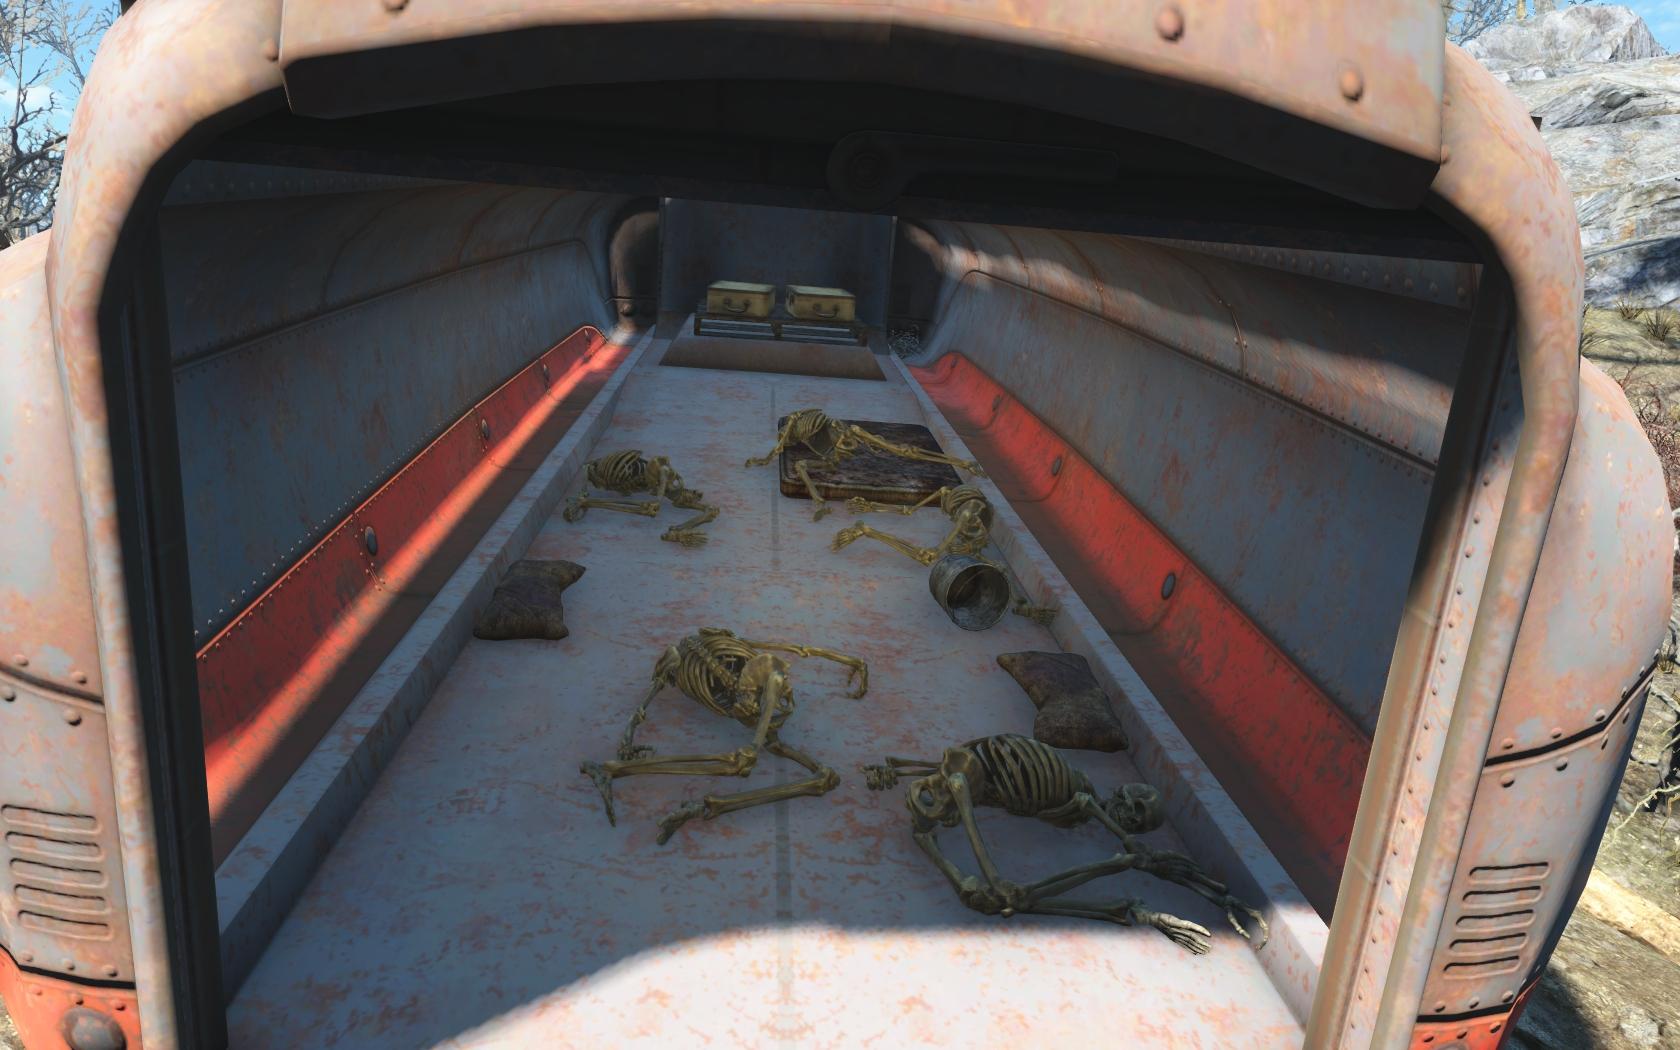 Скелеты в машине (севернее Лодочного домика Таффингтона) - Fallout 4 Лодочный домик Таффингтона, Скелет